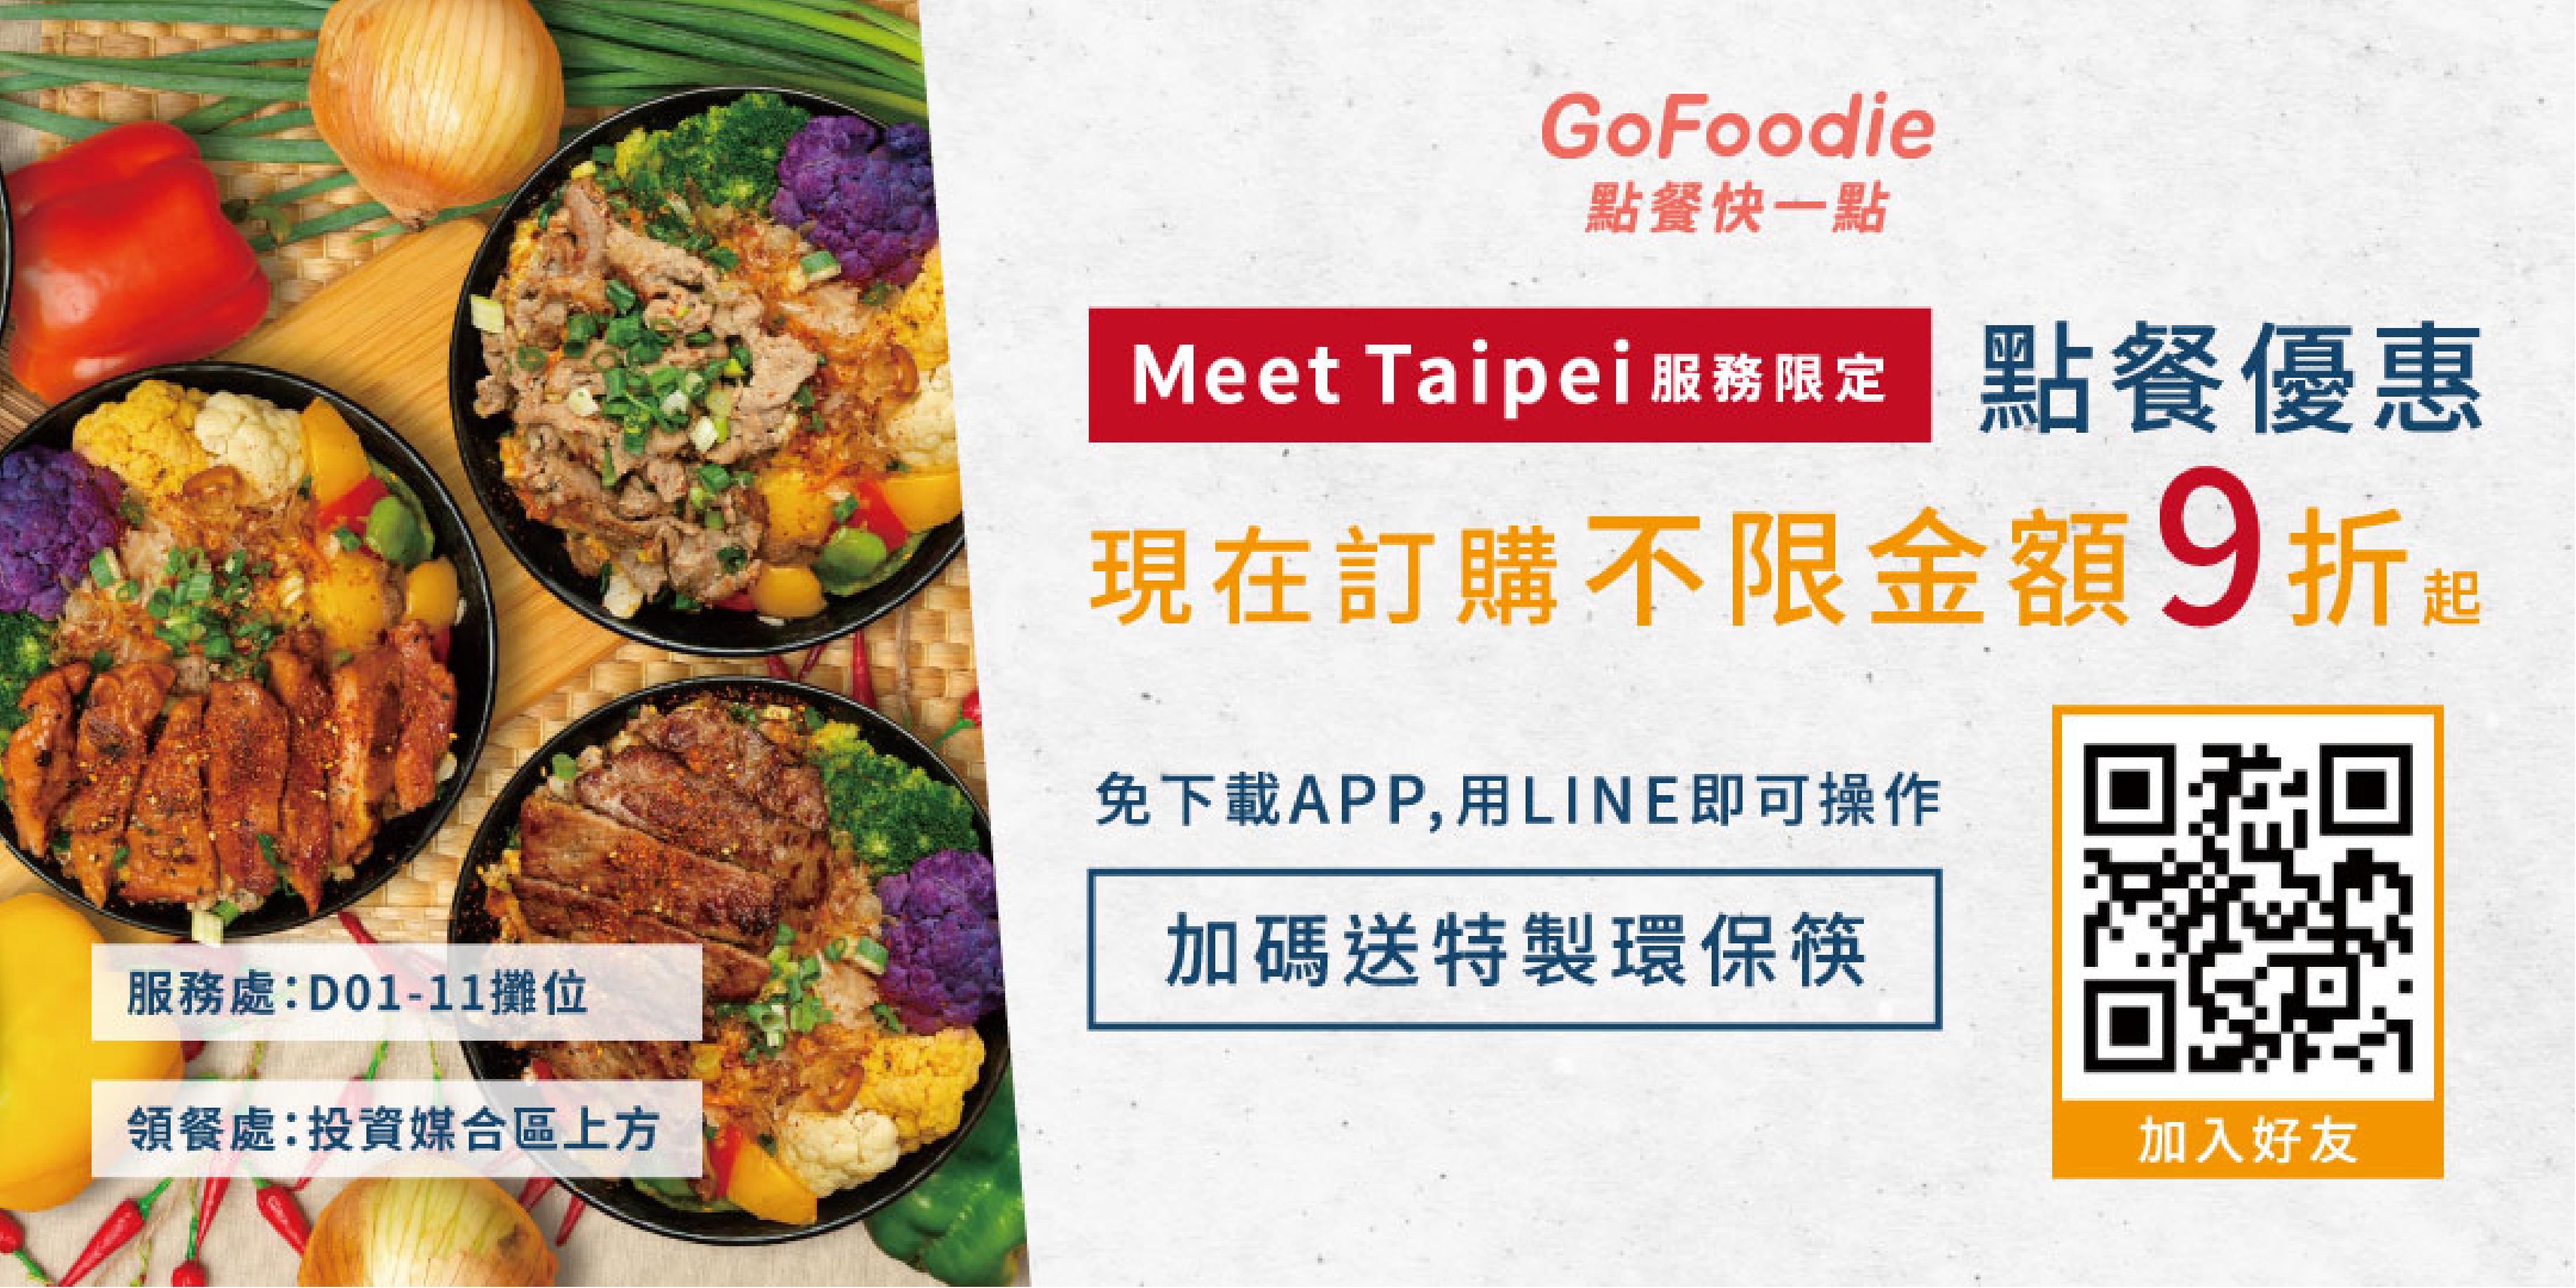 Meet Taipei x <br>GoFoodie訂餐服務